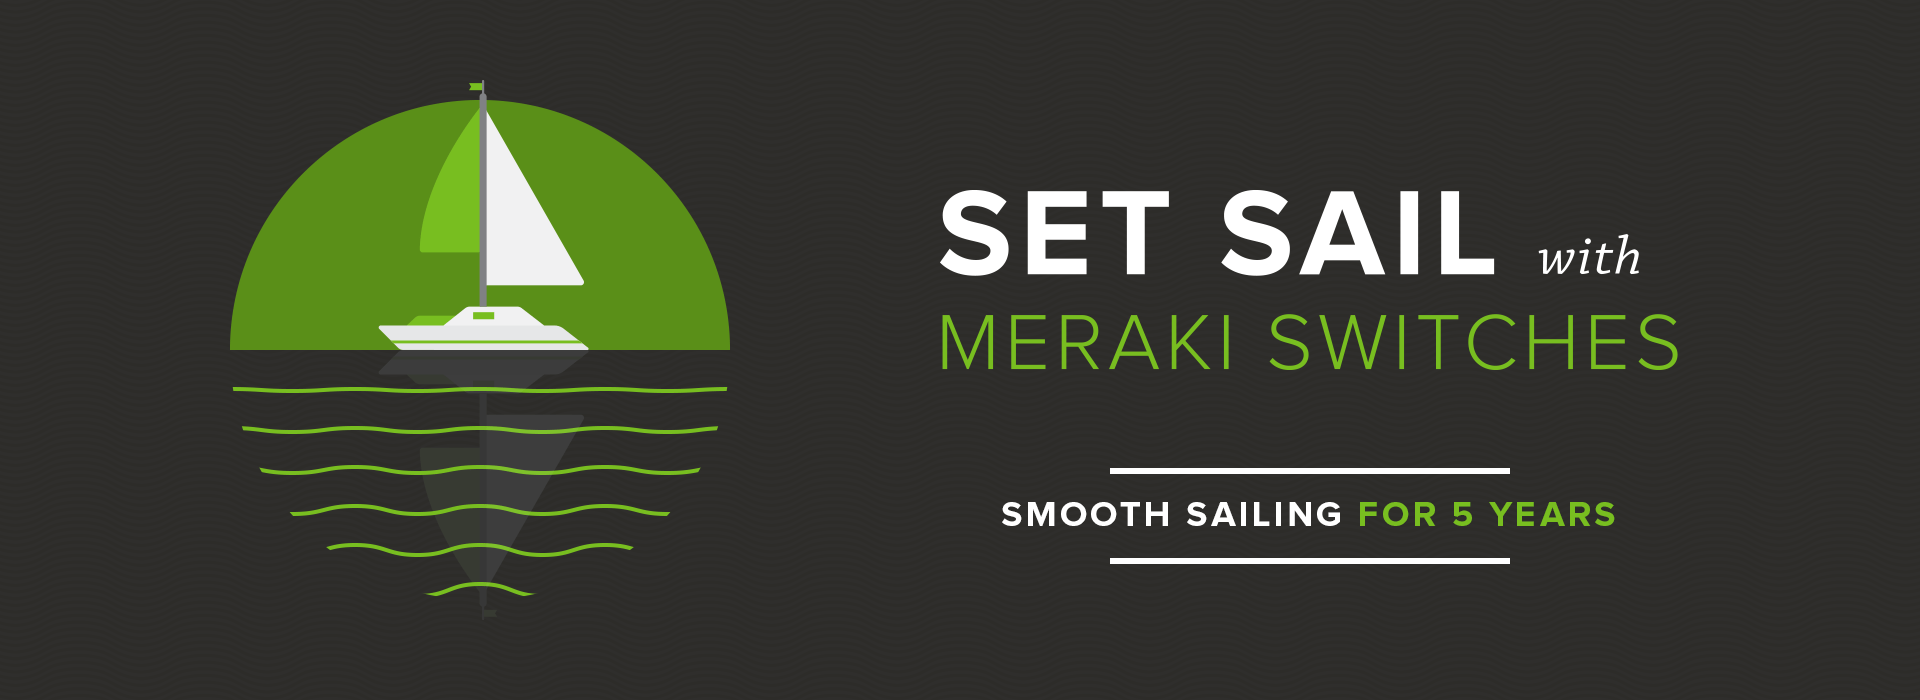 Meraki Switching 5 Years for the price of 1